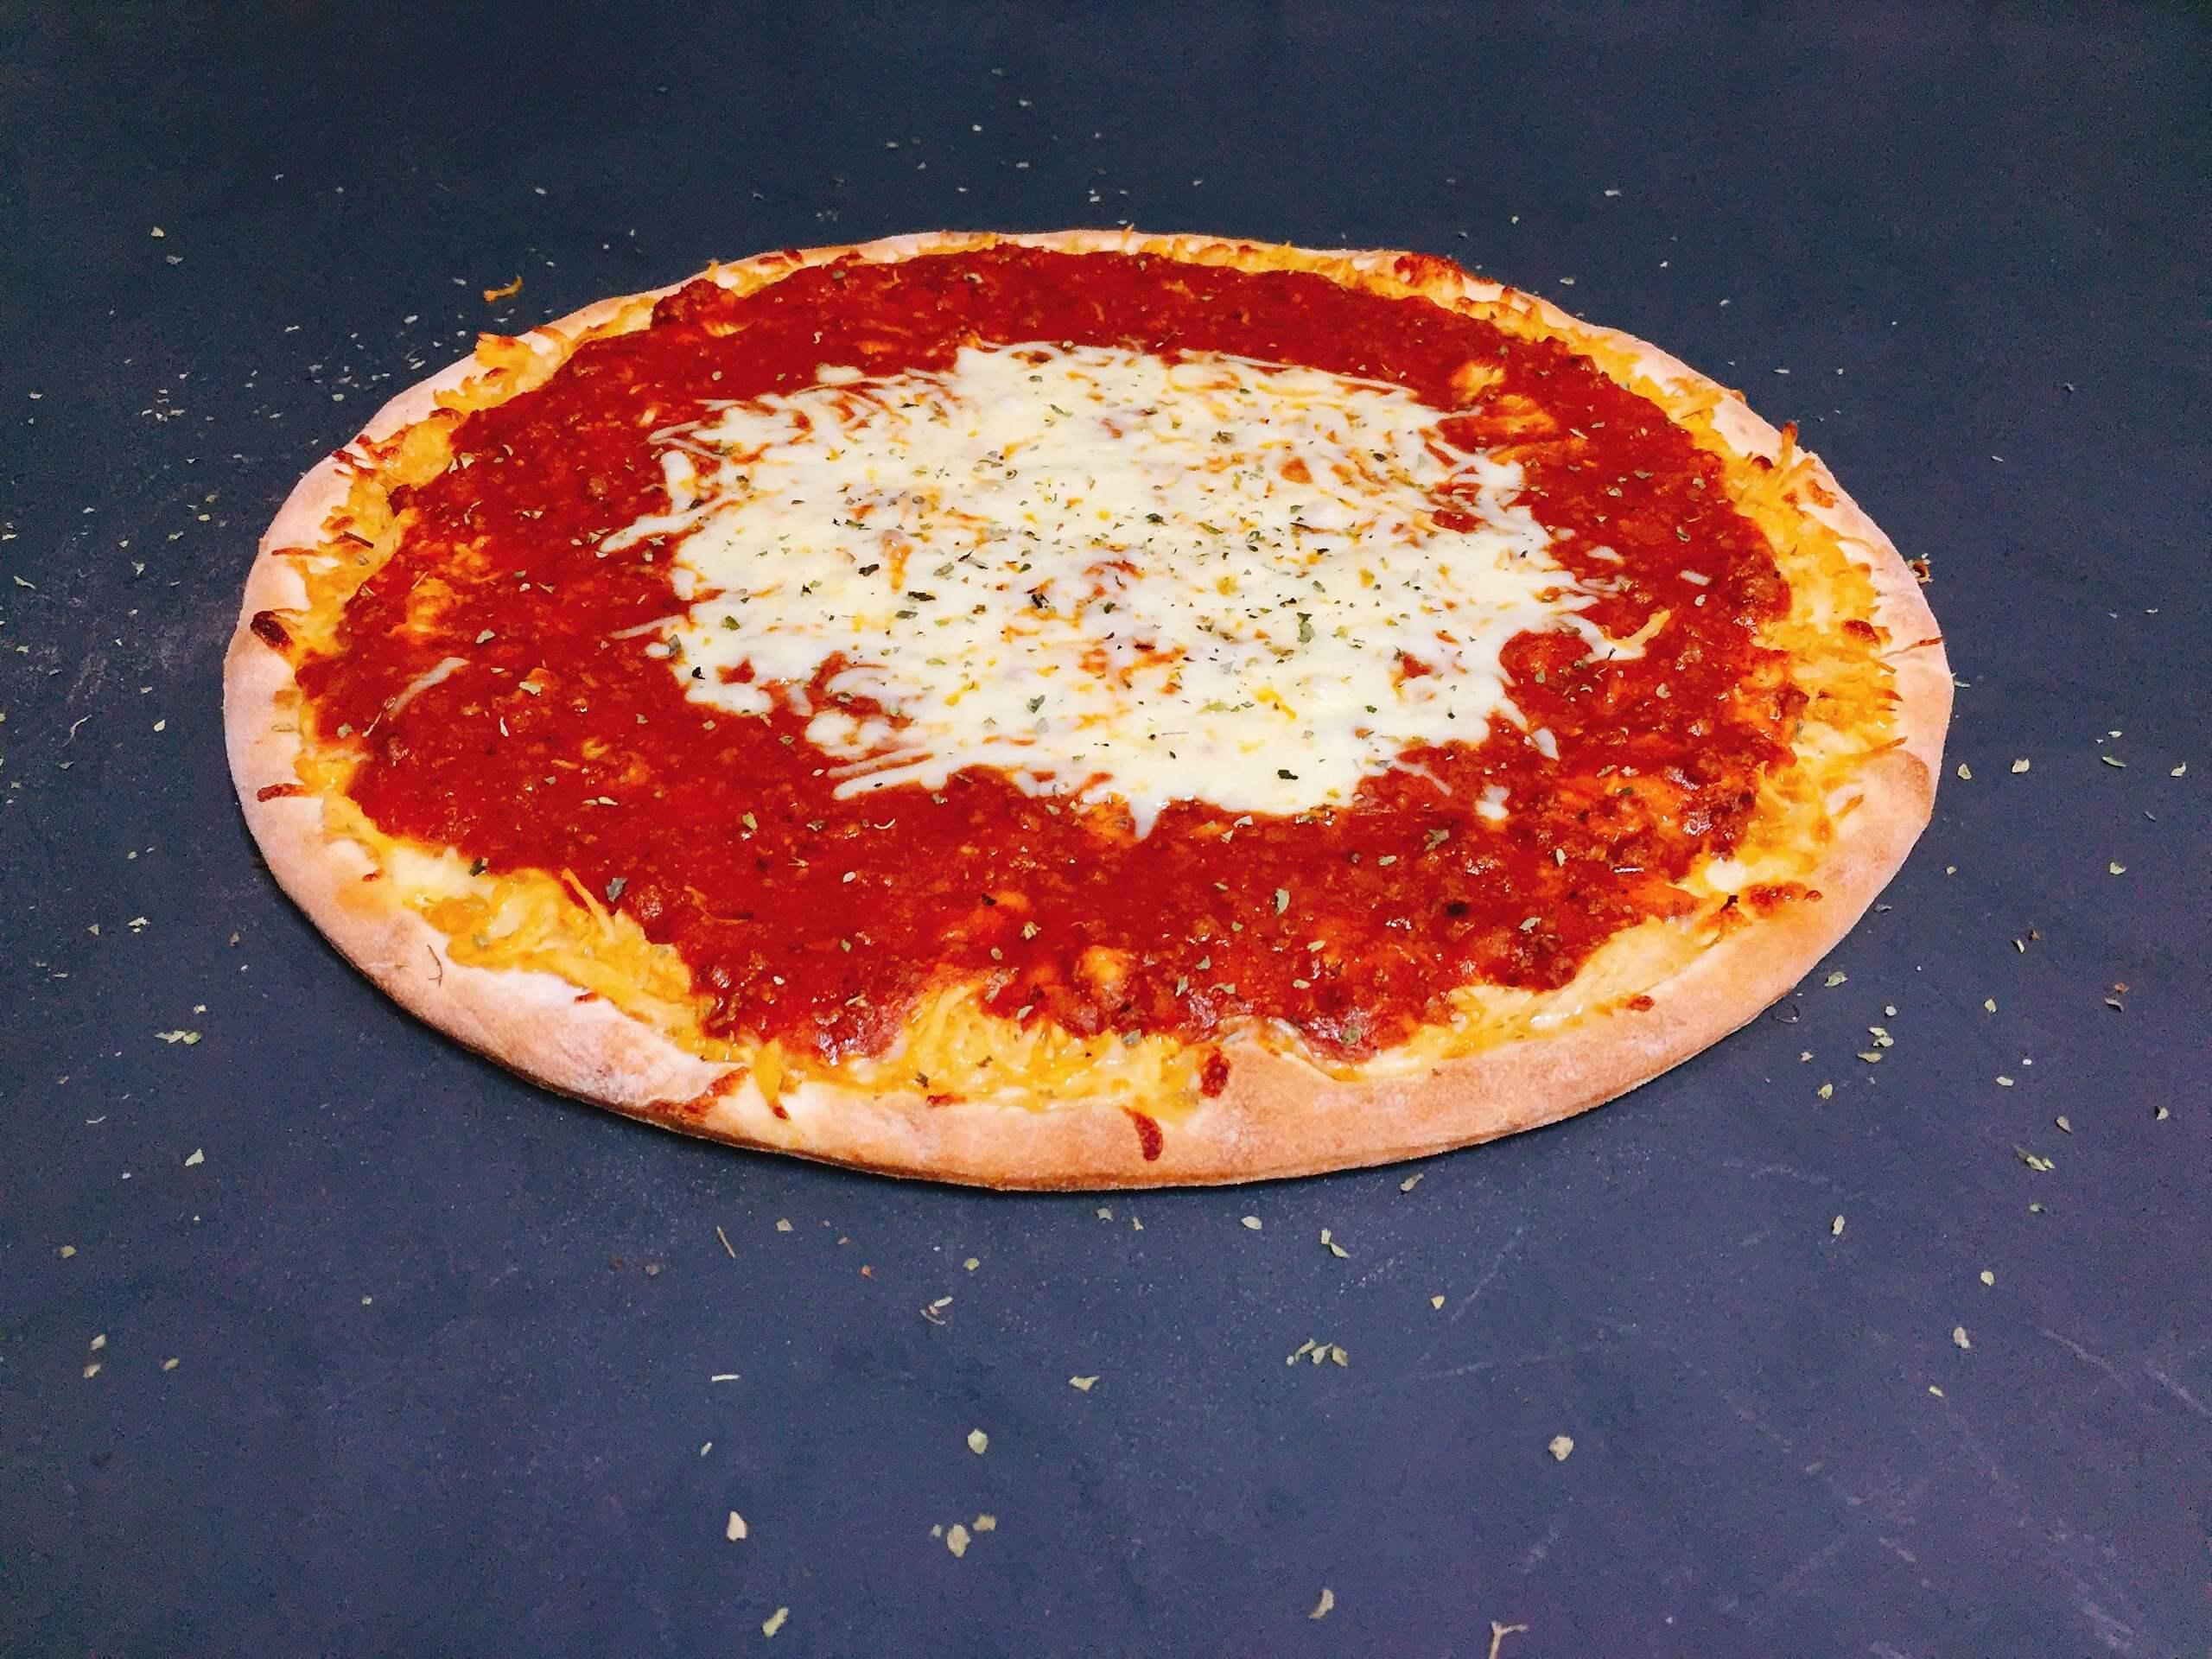 Pizza Frango à Bolonhesa - Pizzaria Meu Rancho